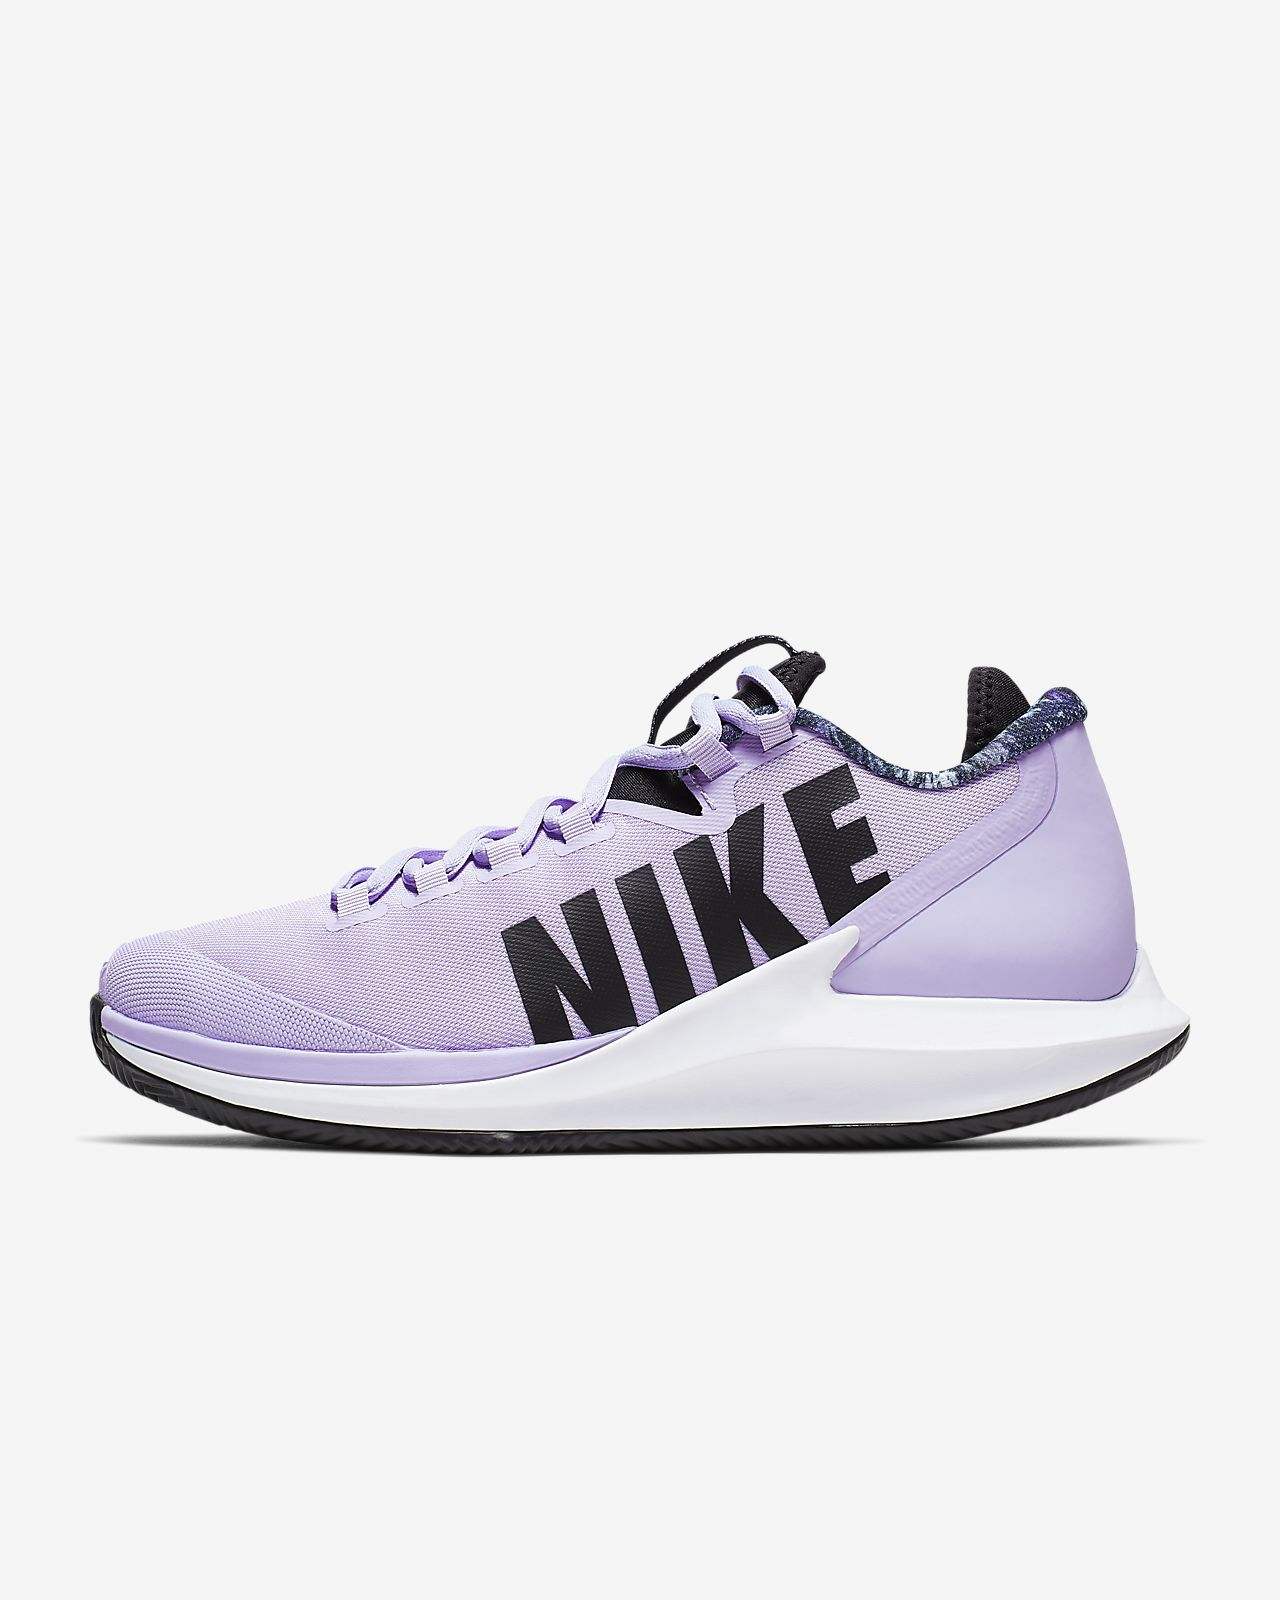 NikeCourt Air Zoom Vapor X Zapatillas de tenis para tierra batida Mujer